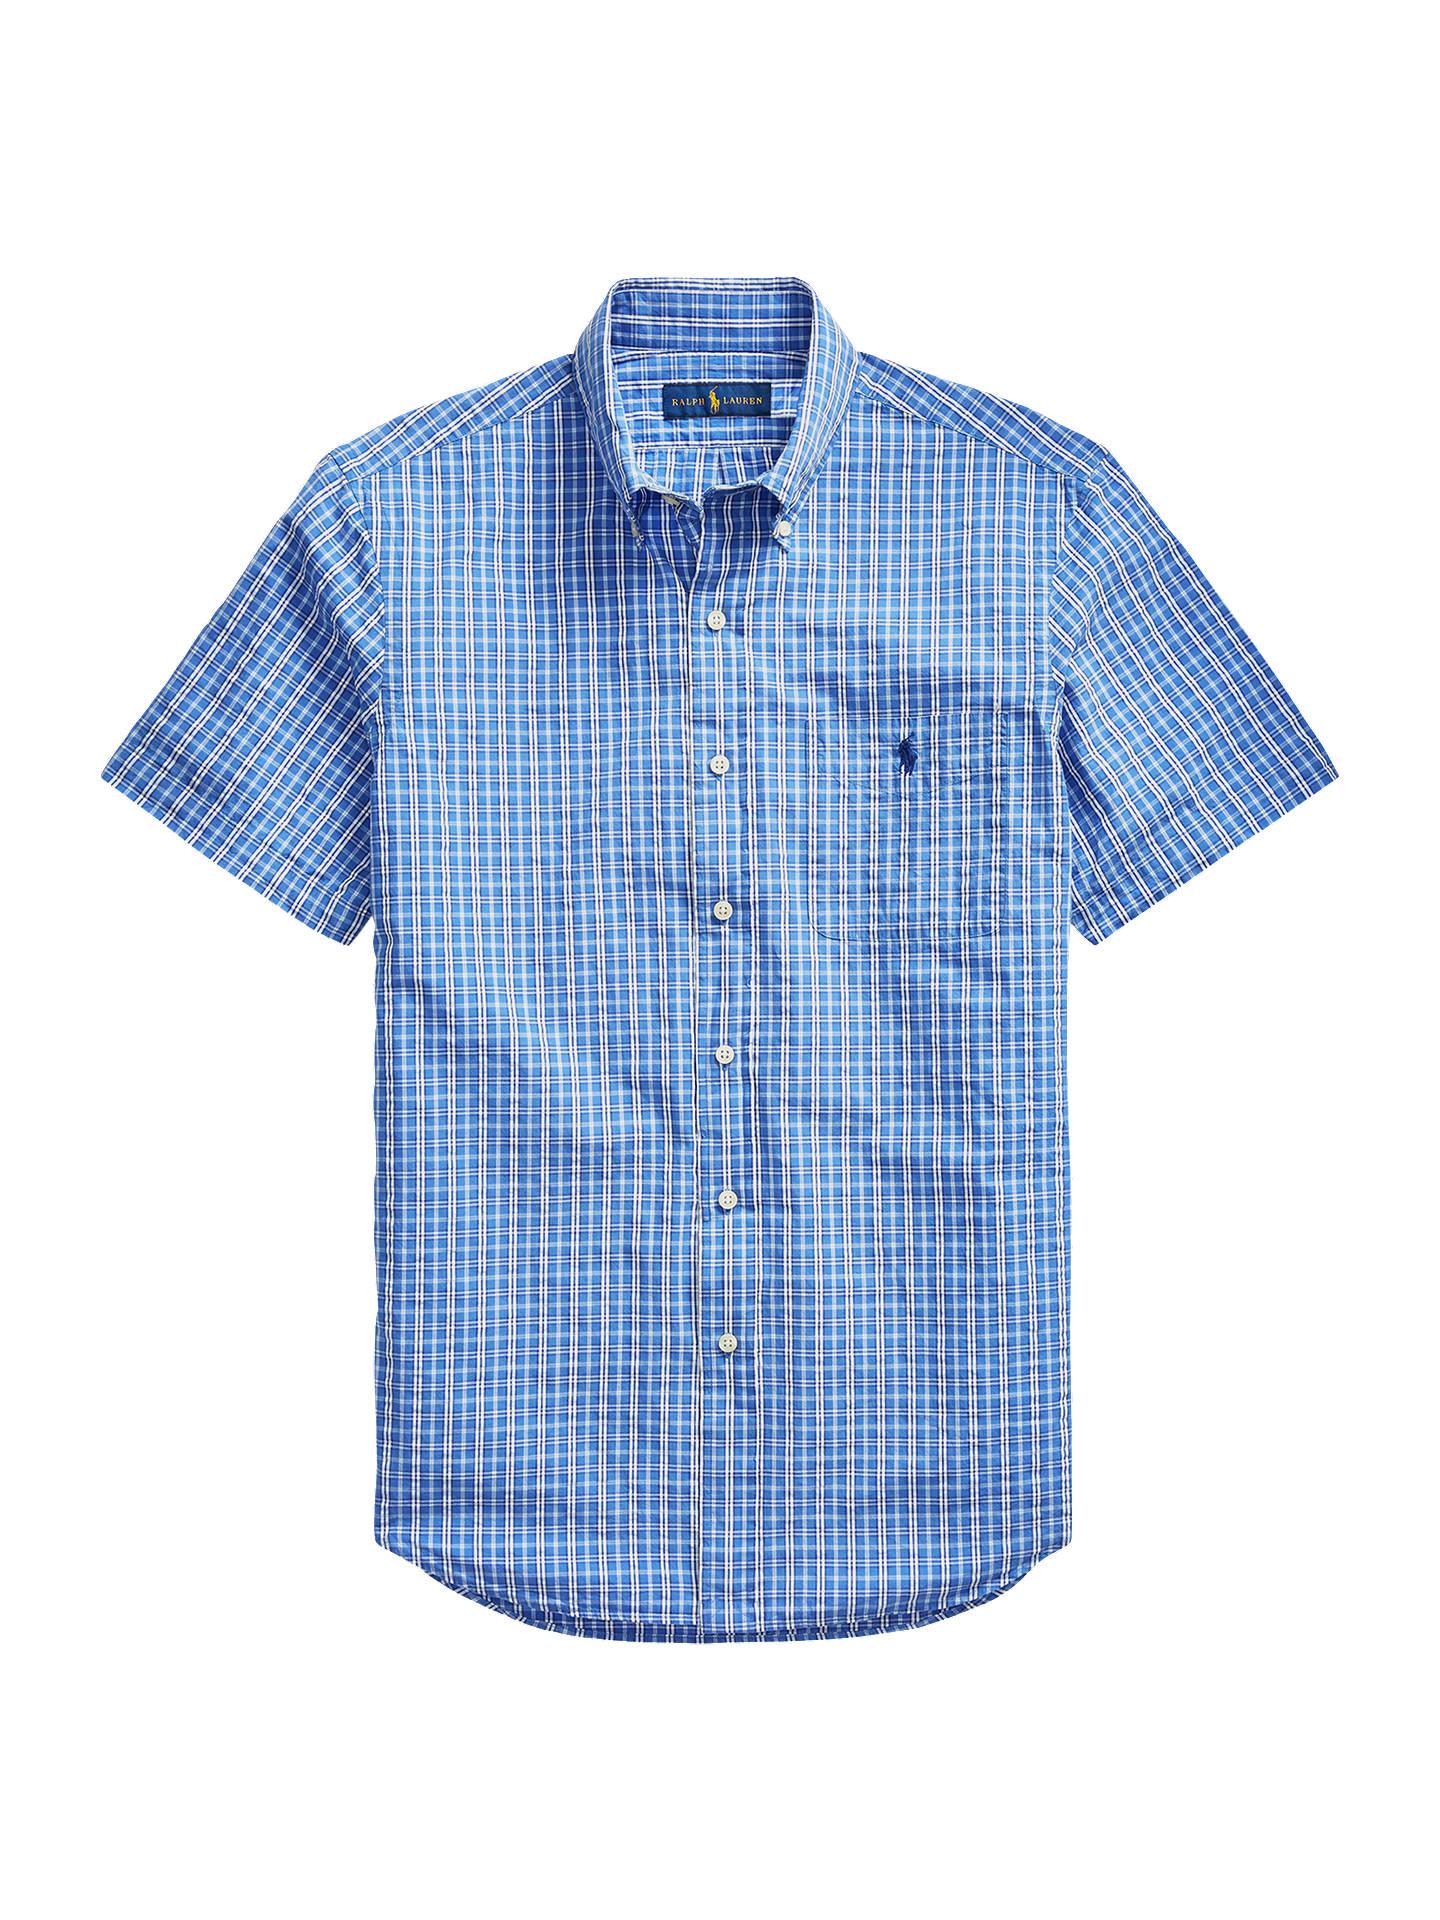 Polo Ralph Lauren Seersucker Short Sleeve Check Shirt Blue Navy